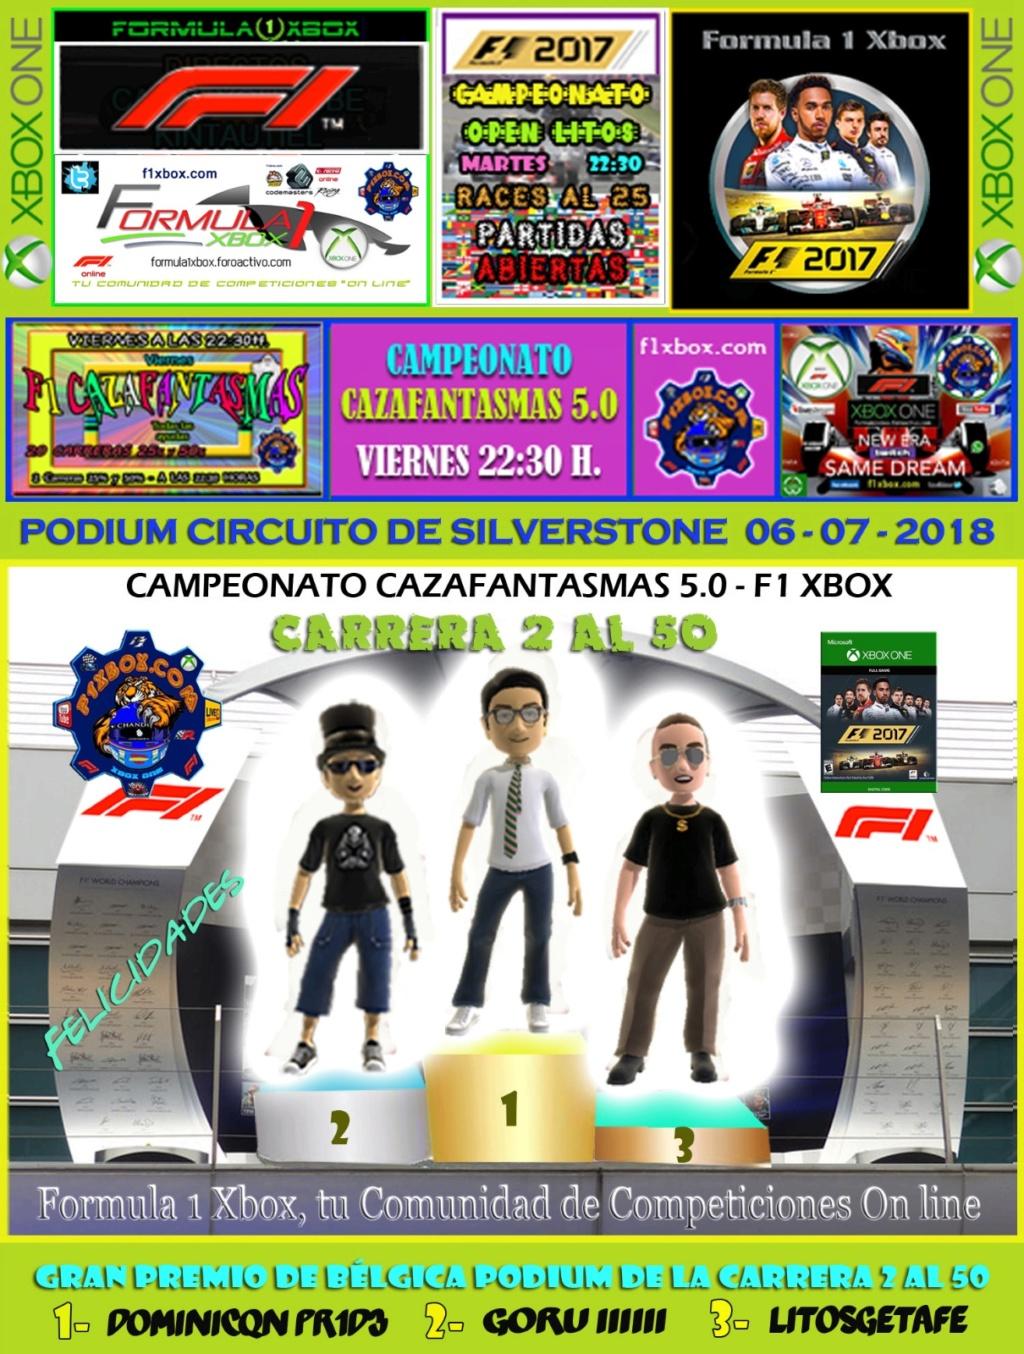 F1 2017 - XBOX ONE / CAMPEONATO CAZAFANTASMAS 5.0 - F1 XBOX / RESULTADOS Y PODIUMS DE LAS 2 CARRERAS EN GRAN BRETAÑA/ VIERNES 06 - 07 - 2018. 4469cb10